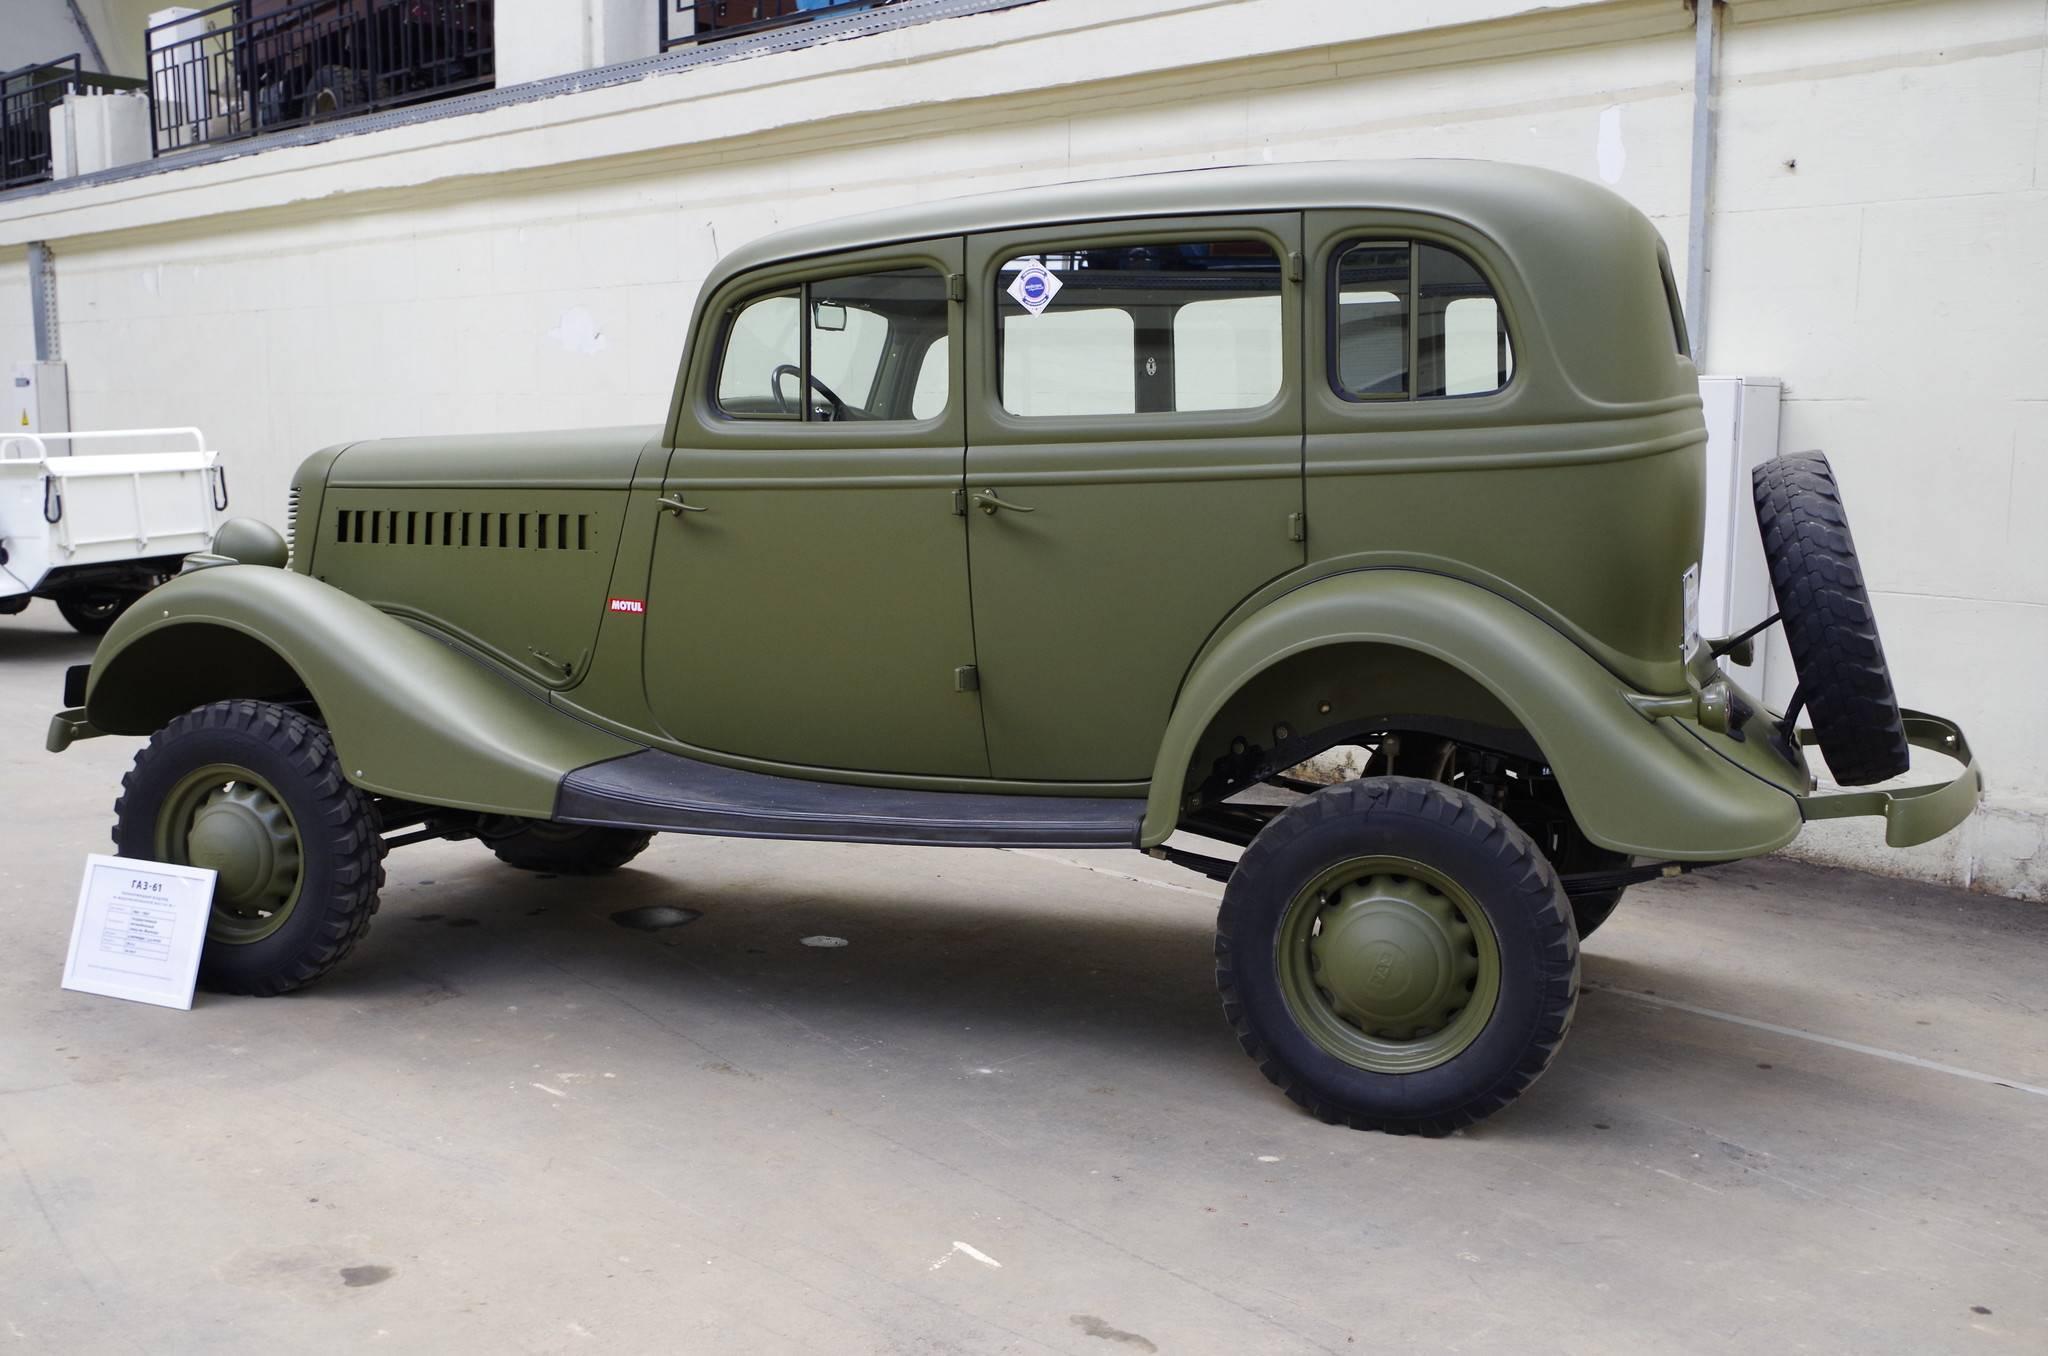 Газ-11: фото и обзор автомобиля, история создания, технические характеристики и занимательные факты